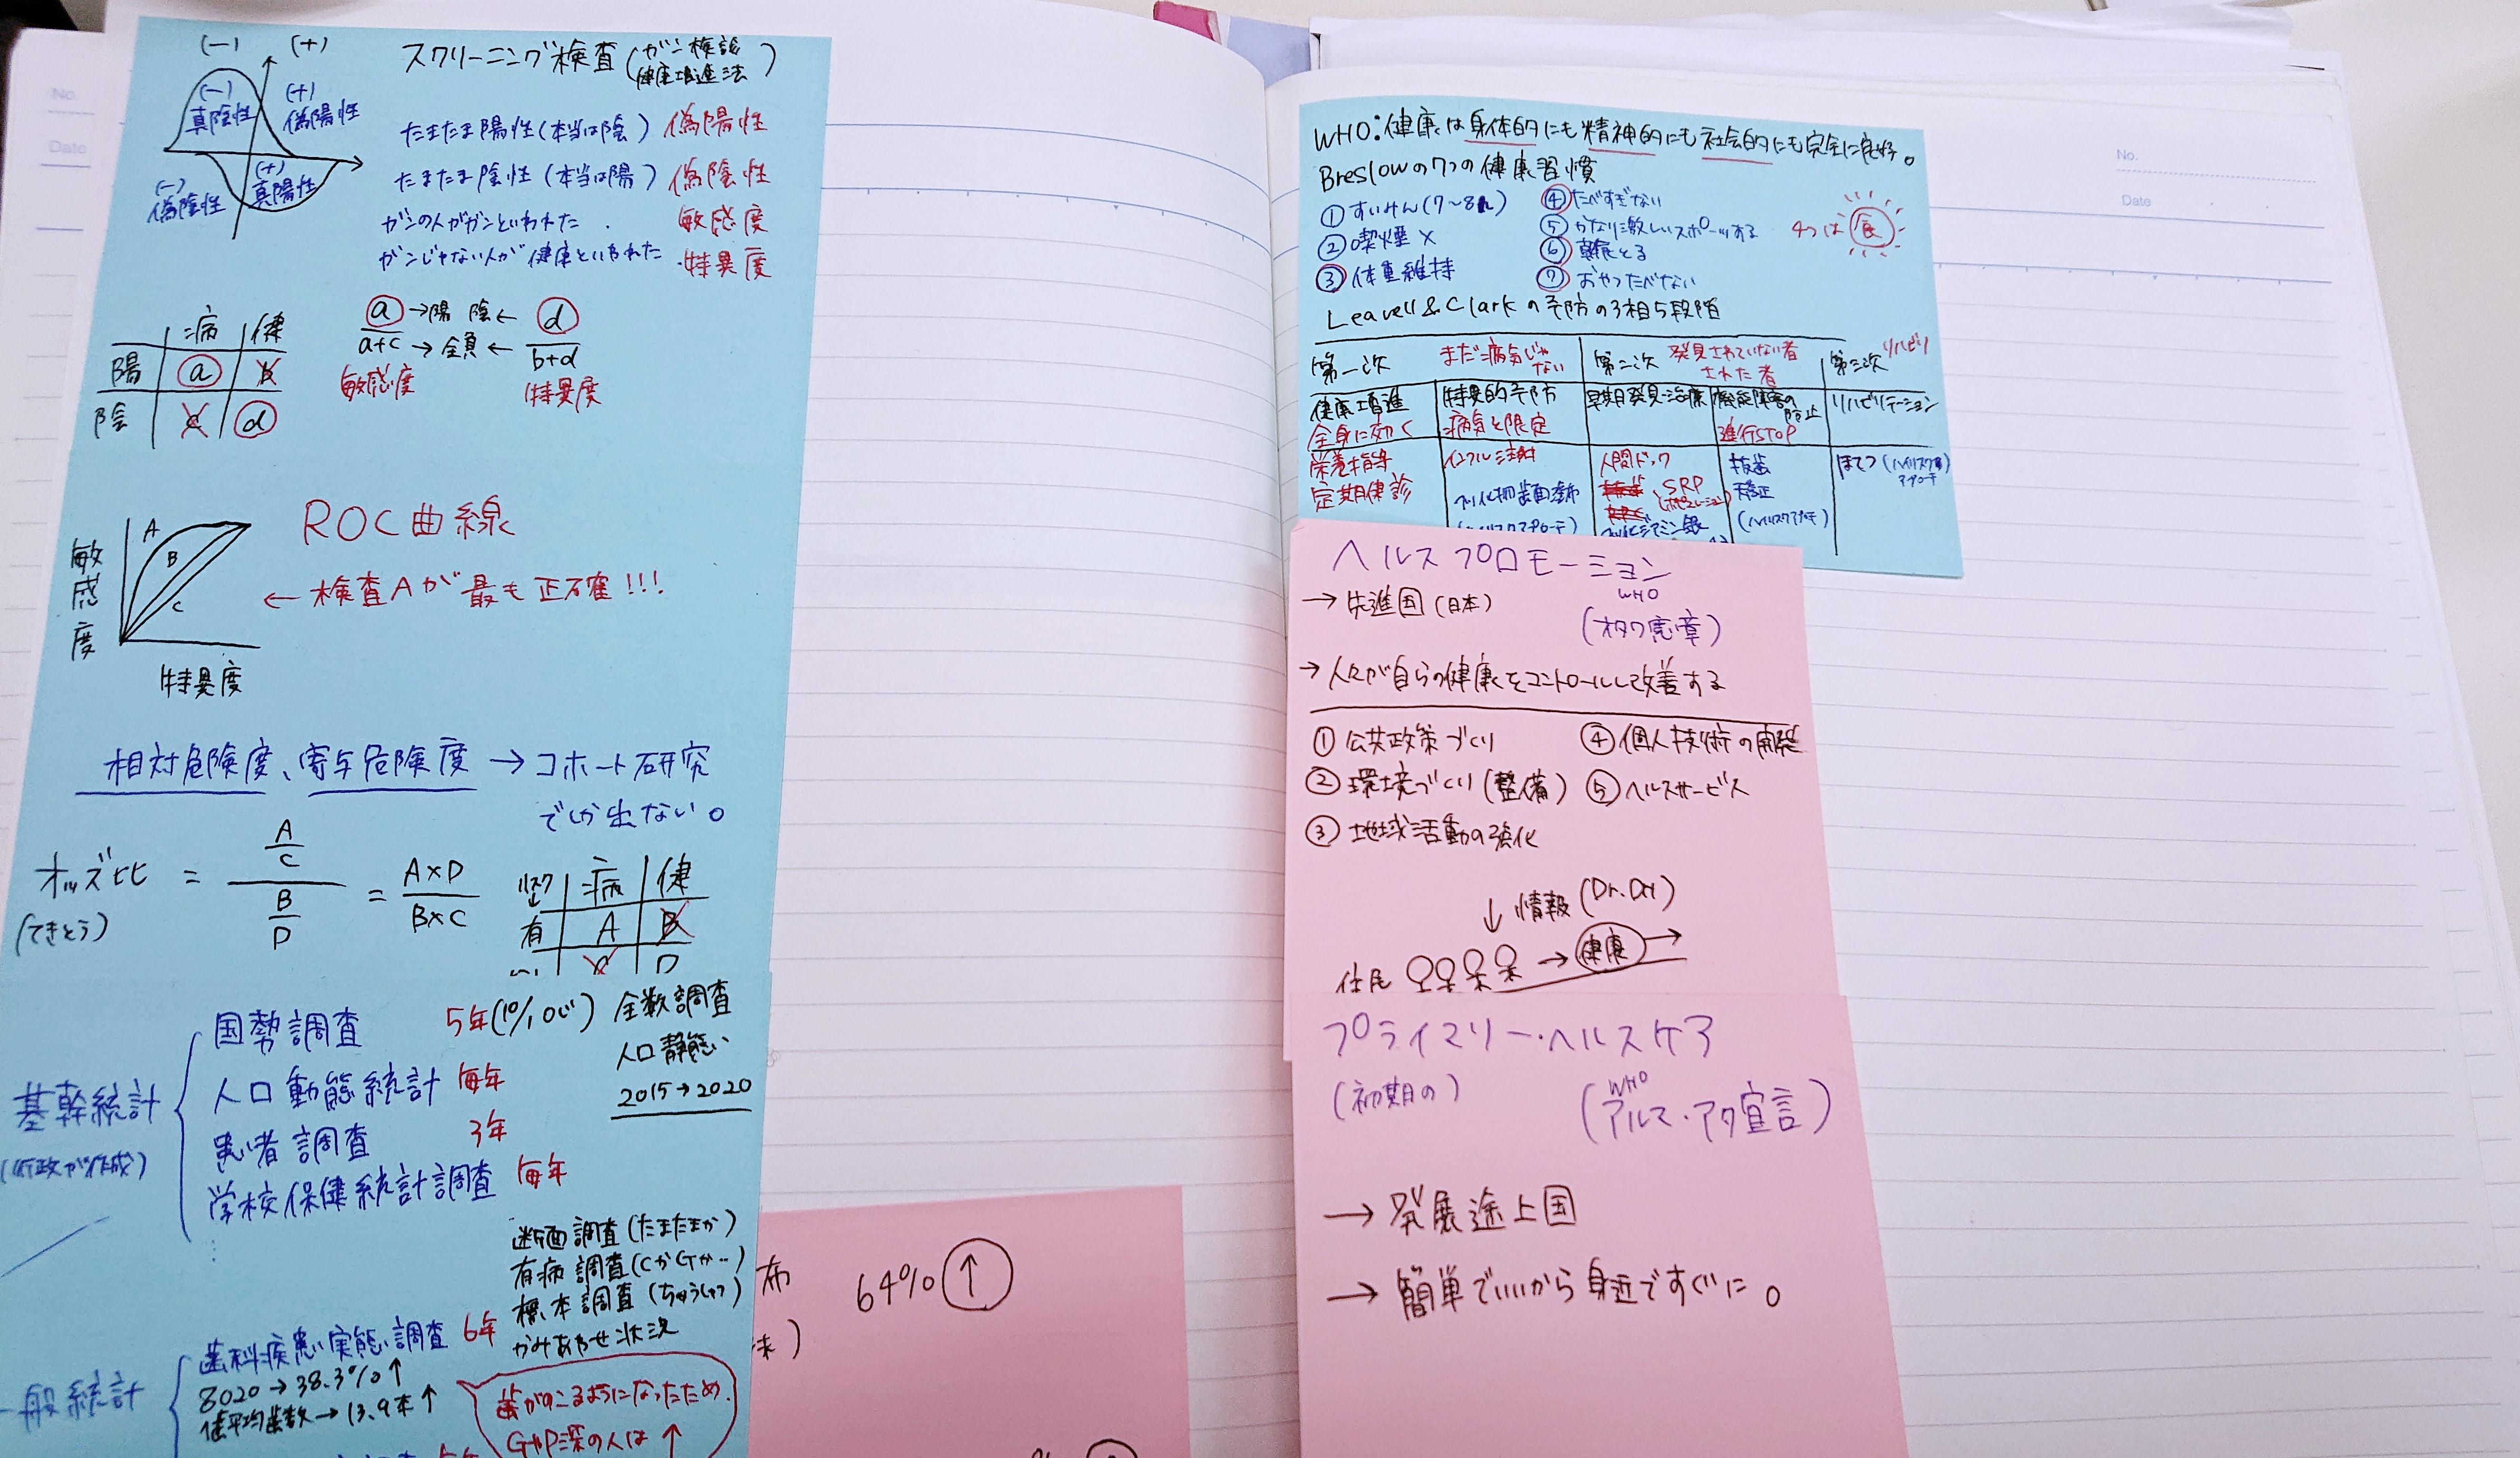 勉強ノート④教科書に貼っていた付箋メモなどをまとめる